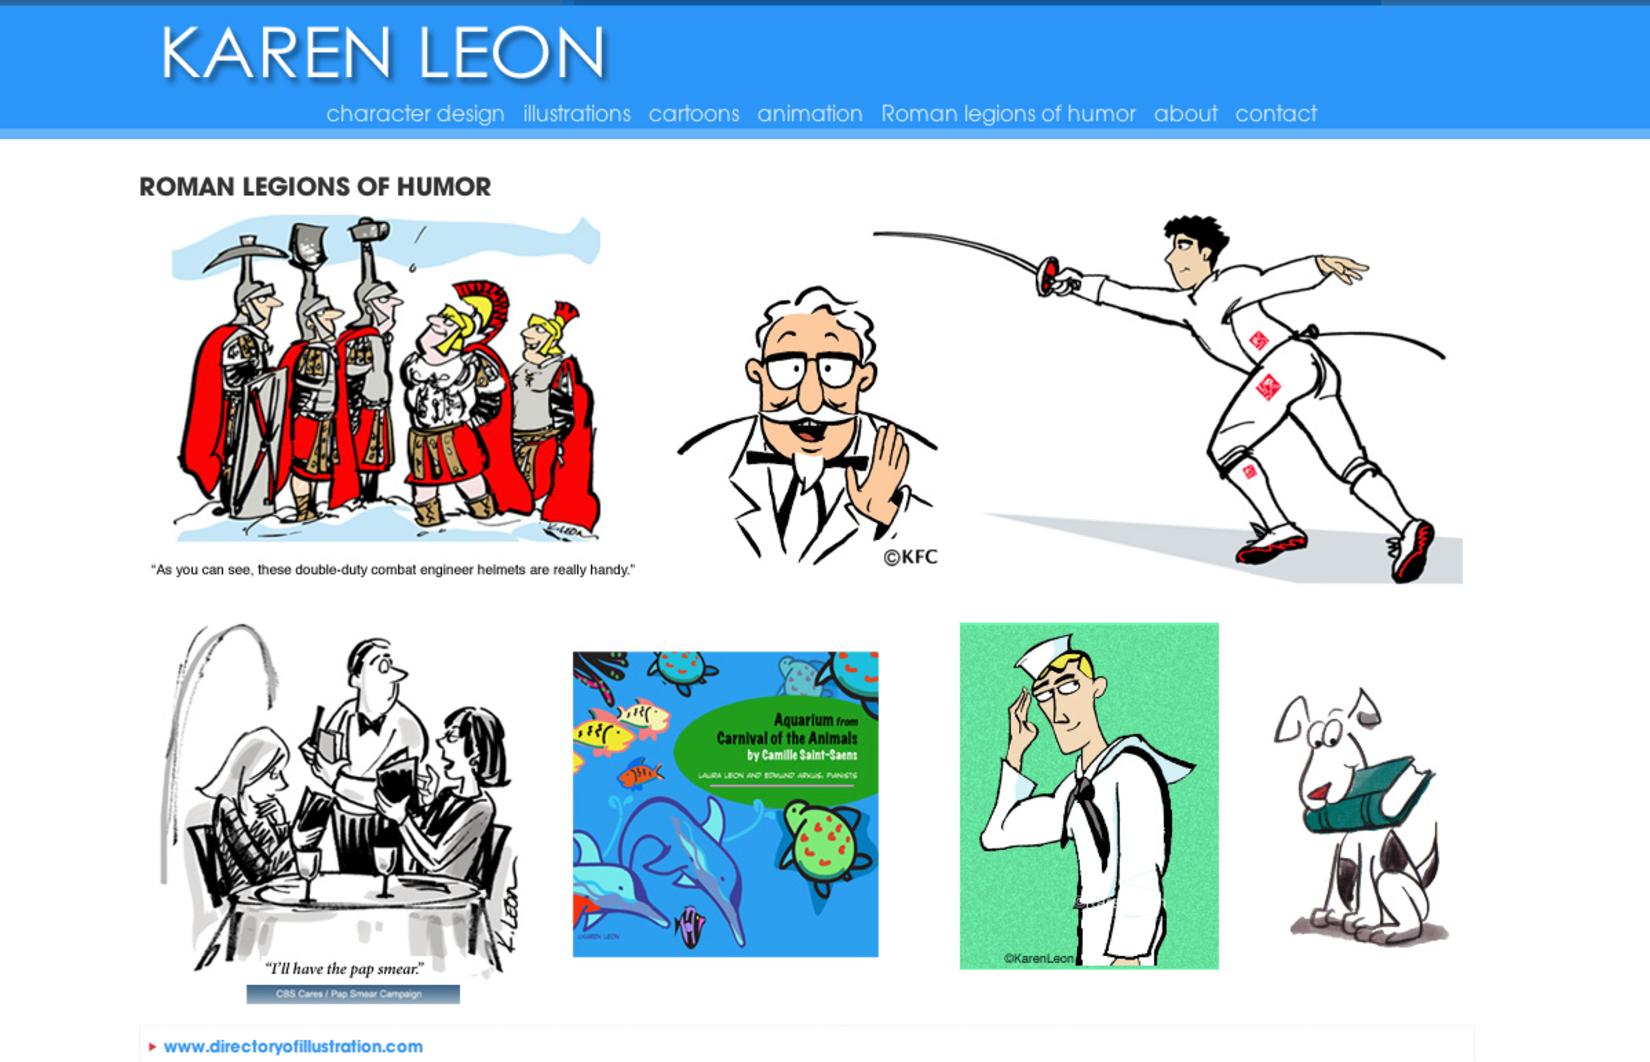 Karen Leon Cartoon Art